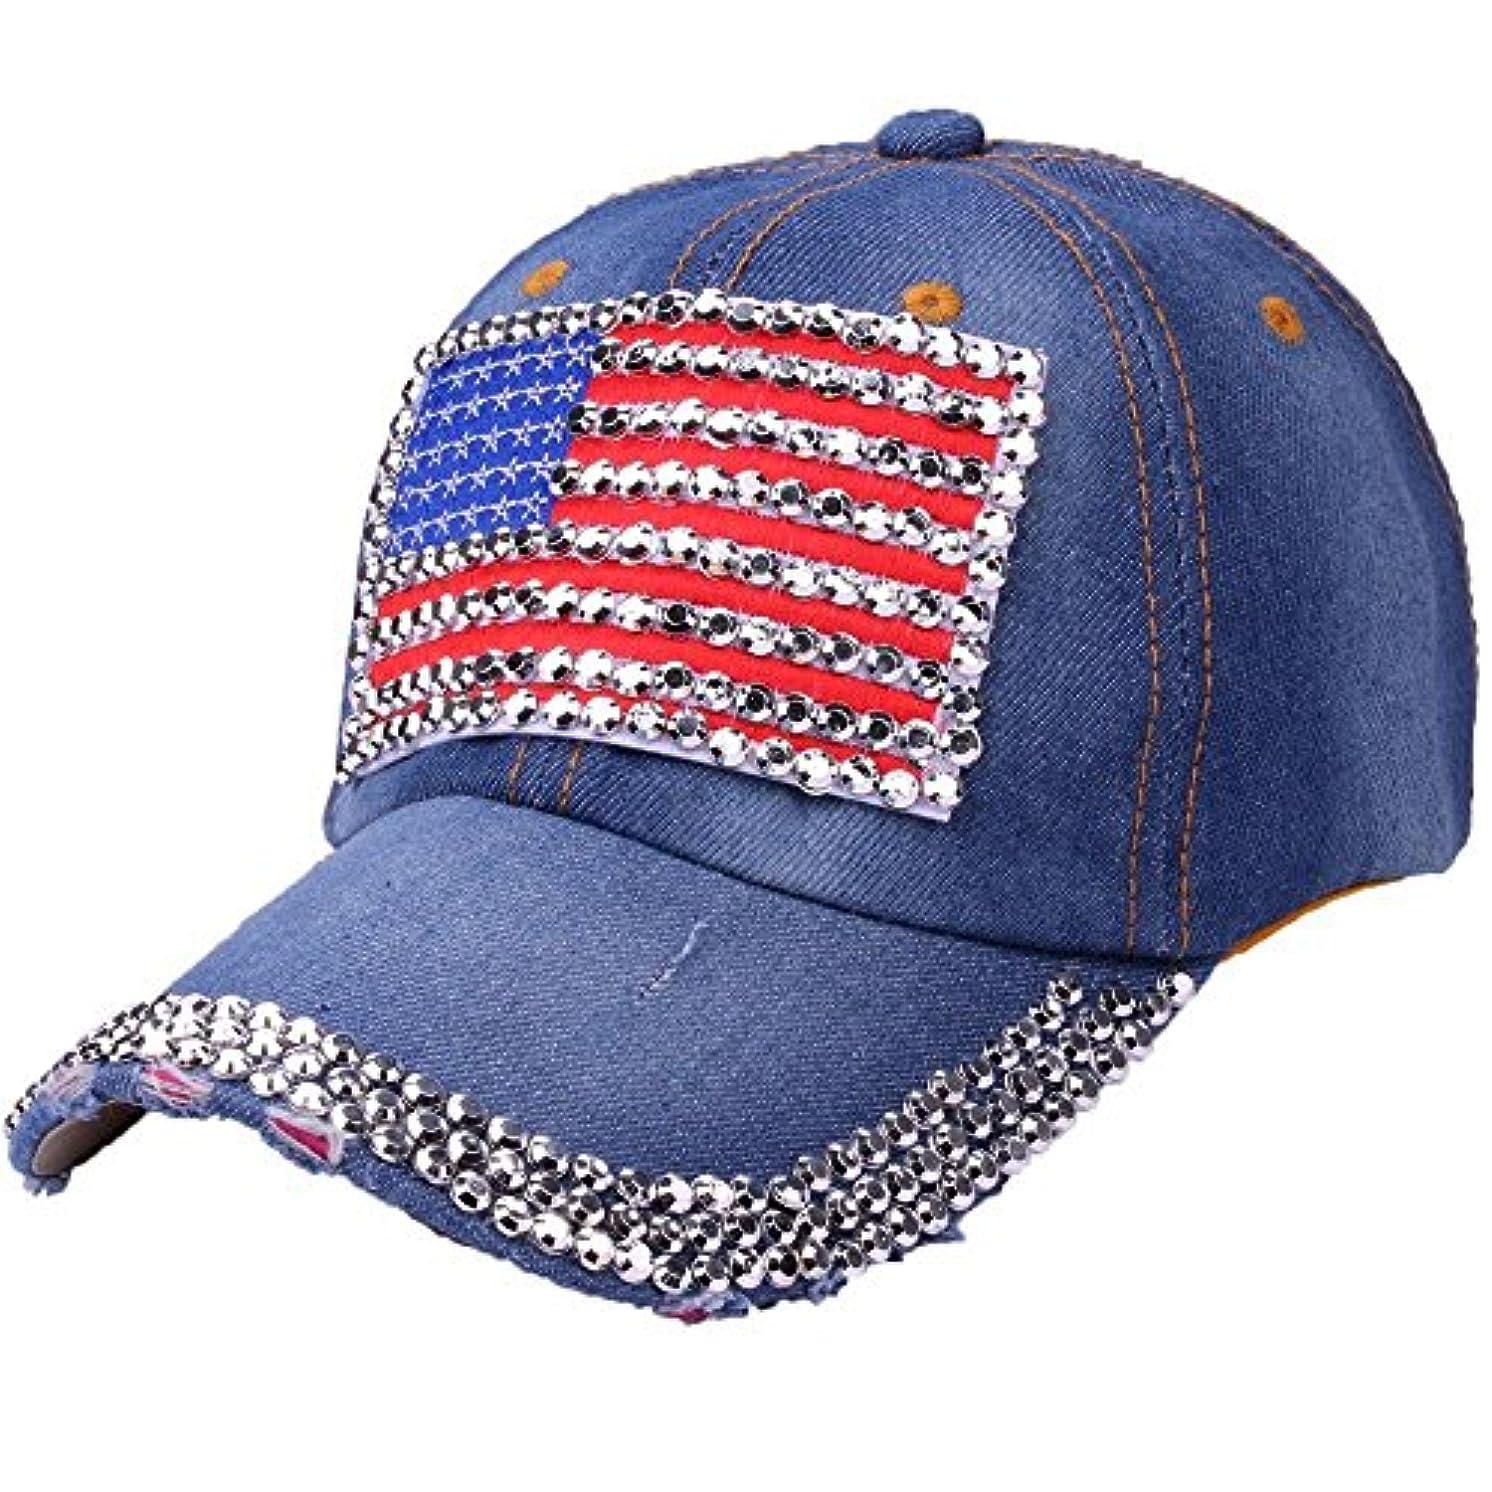 火山学者快い口径Racazing Cap カウボーイ 野球帽 ヒップホップ 通気性のある ラインストーン 帽子 夏 登山 アメリカの旗 可調整可能 棒球帽 男女兼用 UV 帽子 軽量 屋外 ジーンズ Unisex Cap (C)